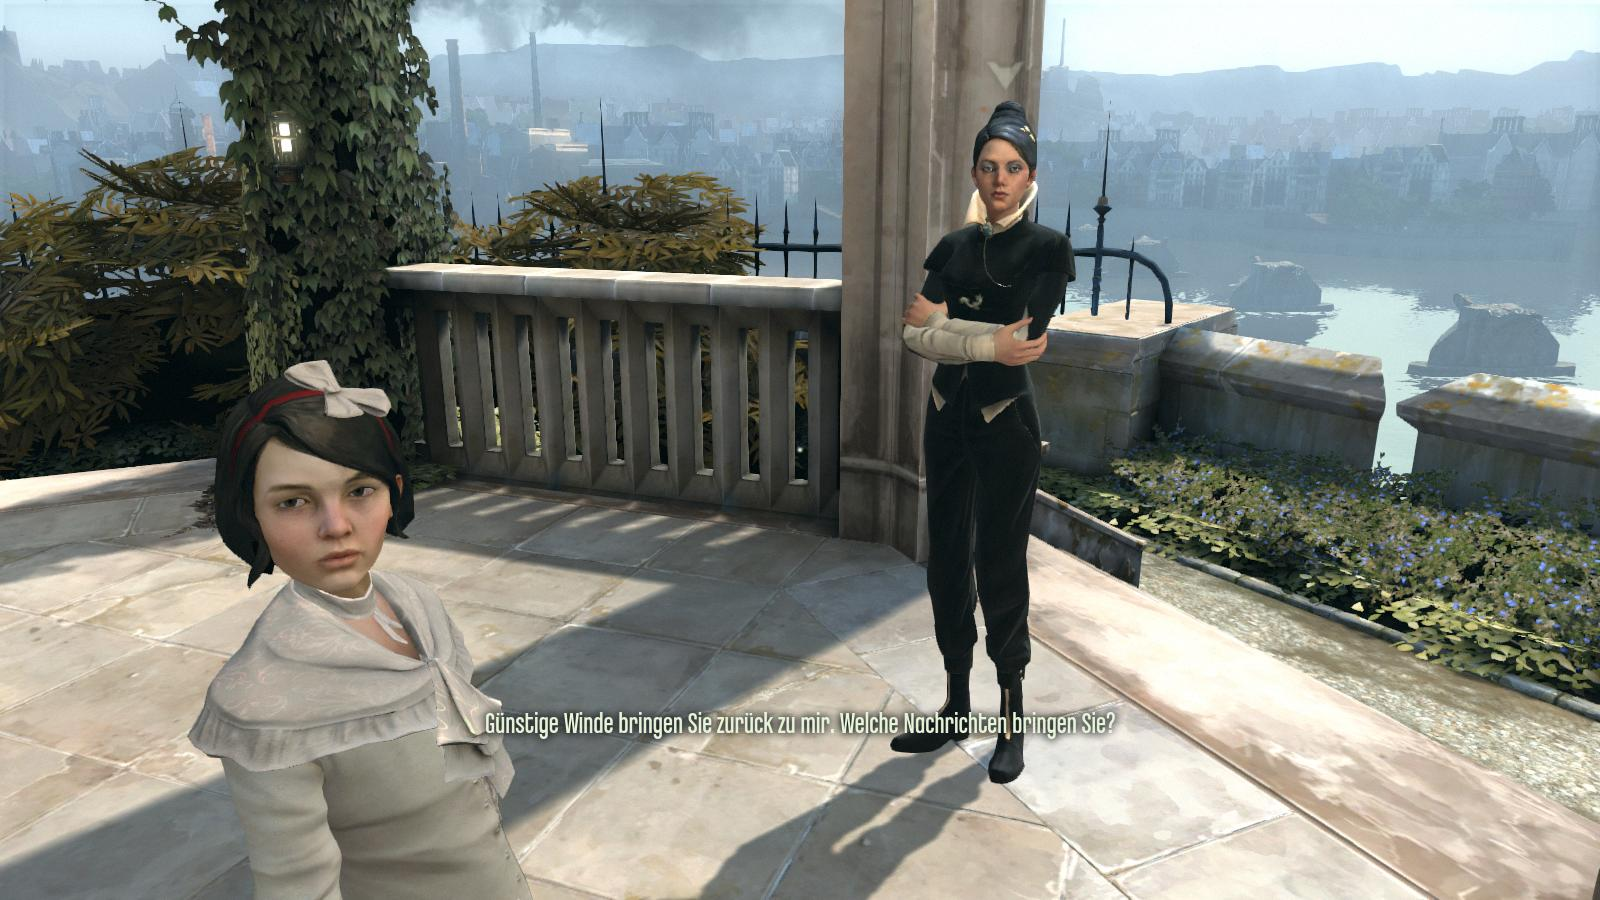 Test Dishonored: Nichts zu motzen beim Meucheln - Die Kaiserin und ihre Tochter sind ganz am Anfang noch an der Macht.